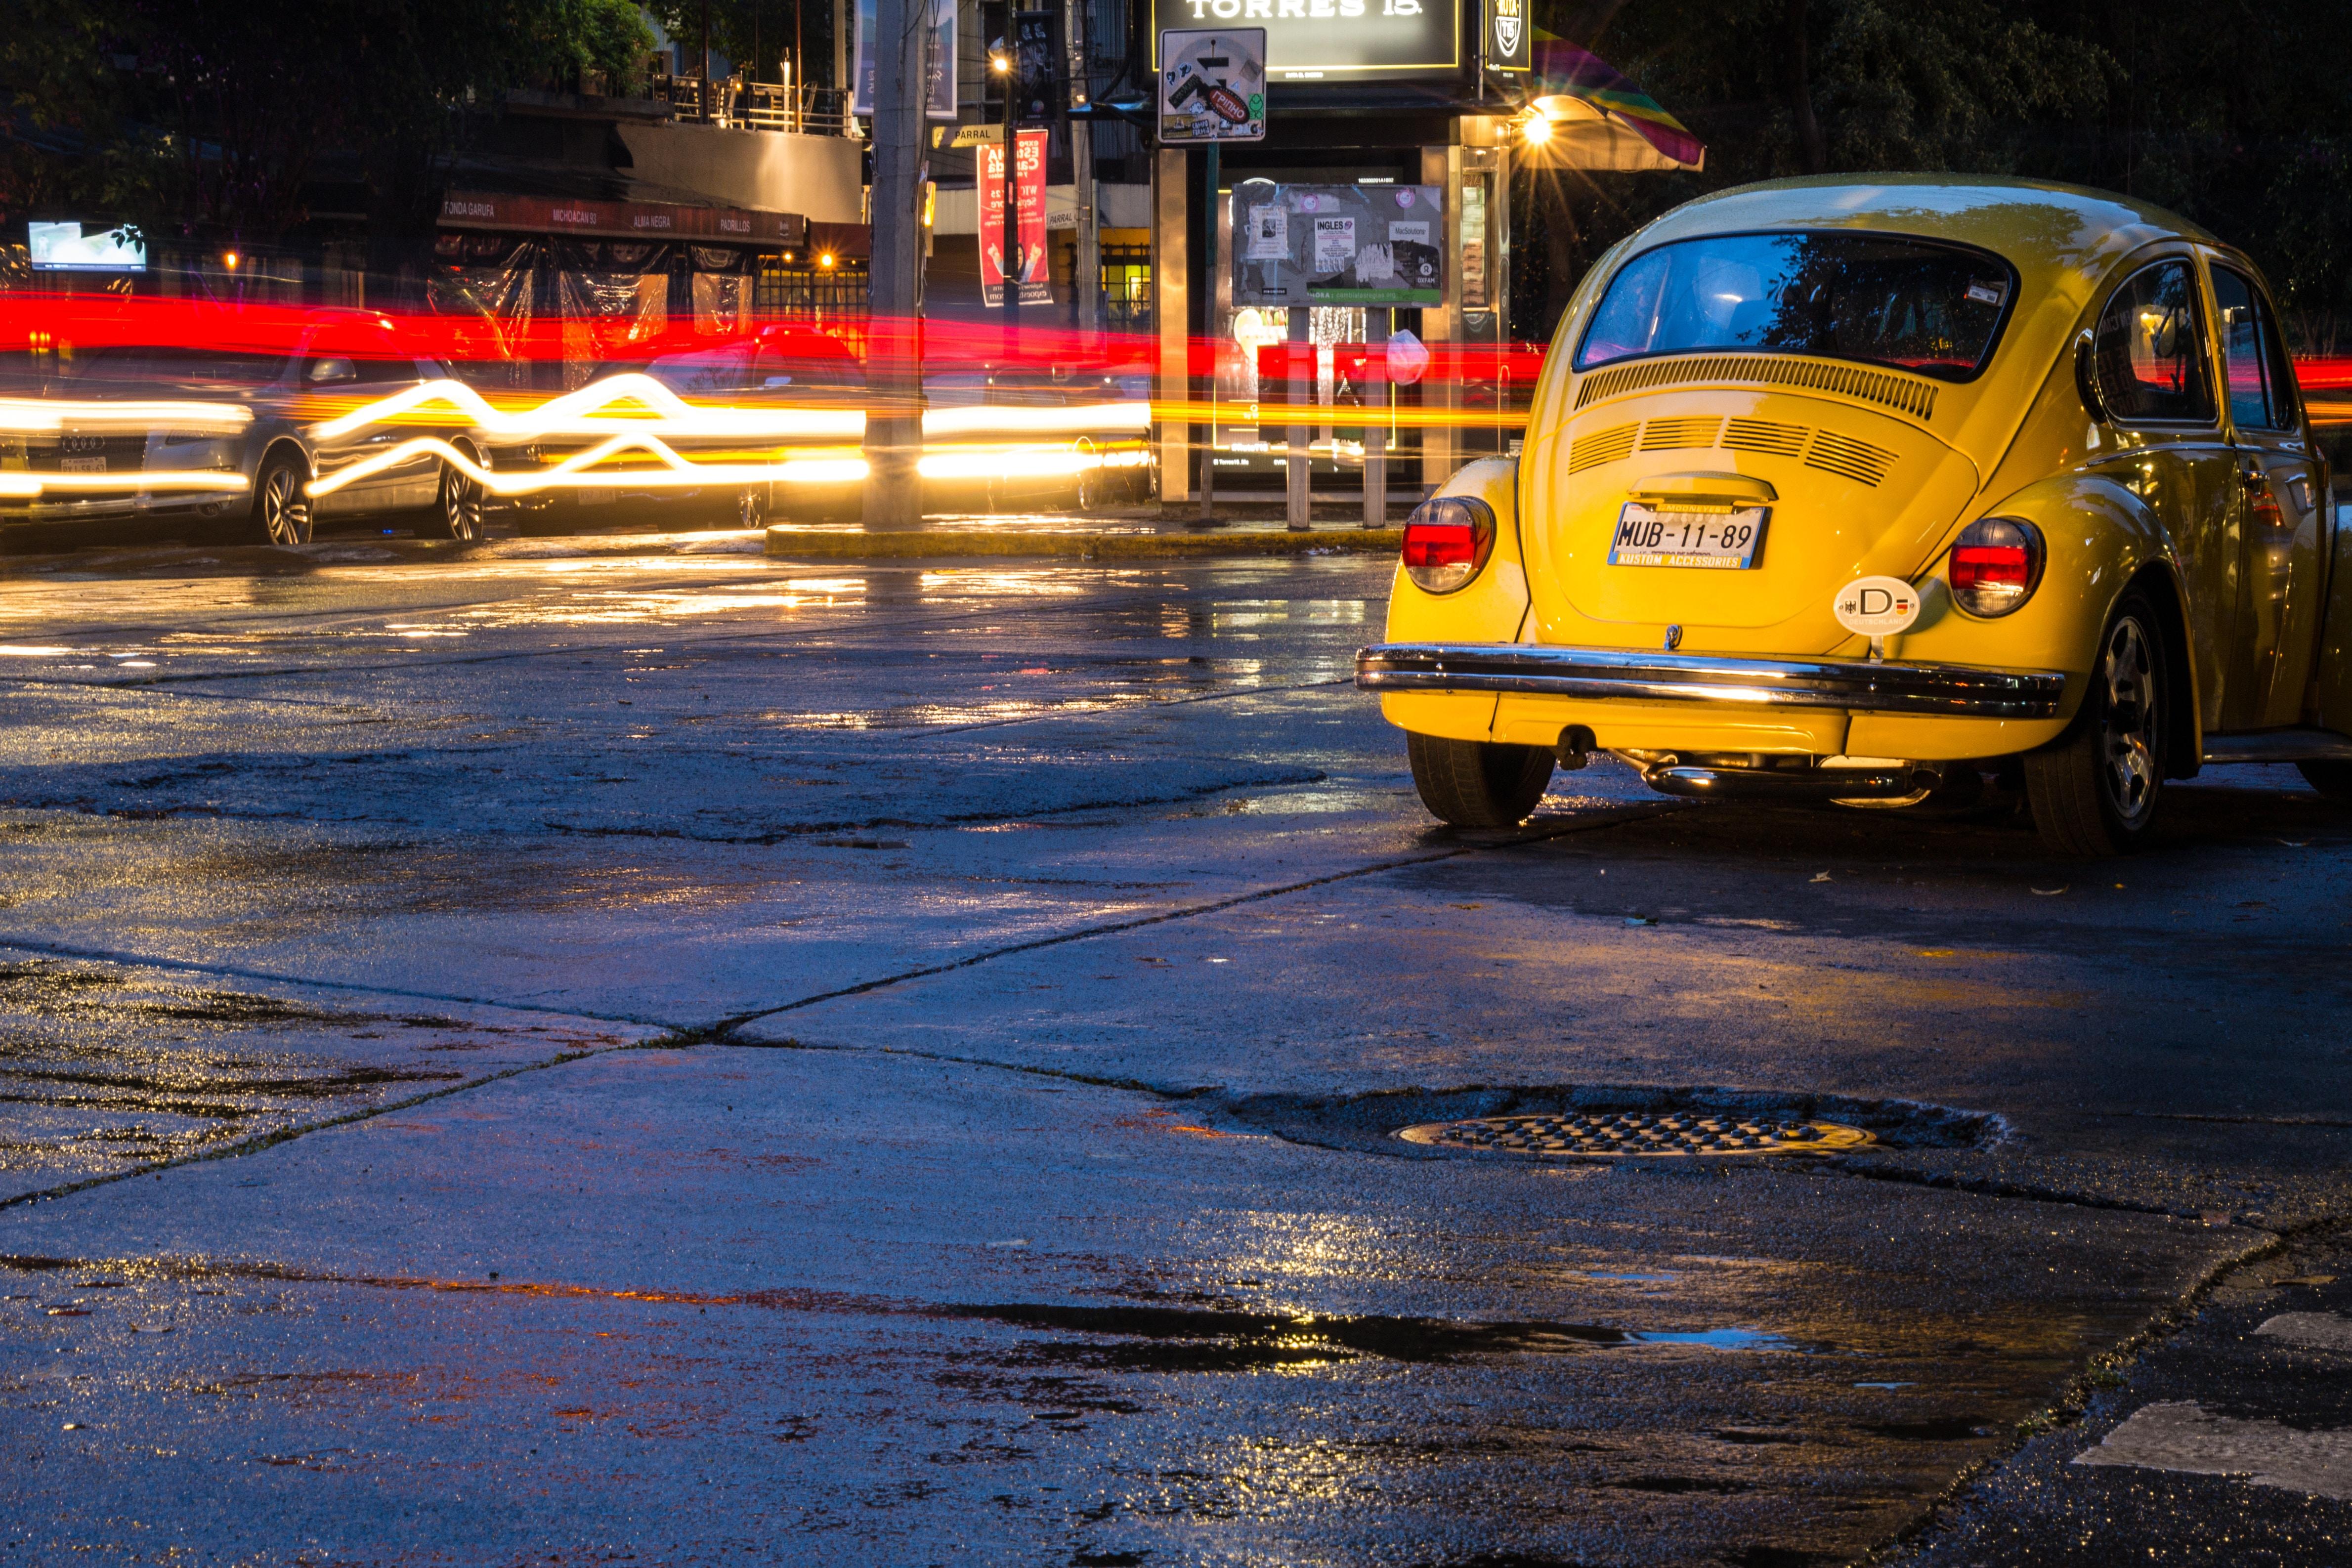 Free Unsplash photo from Daniel Alvarez Sanchez Diaz